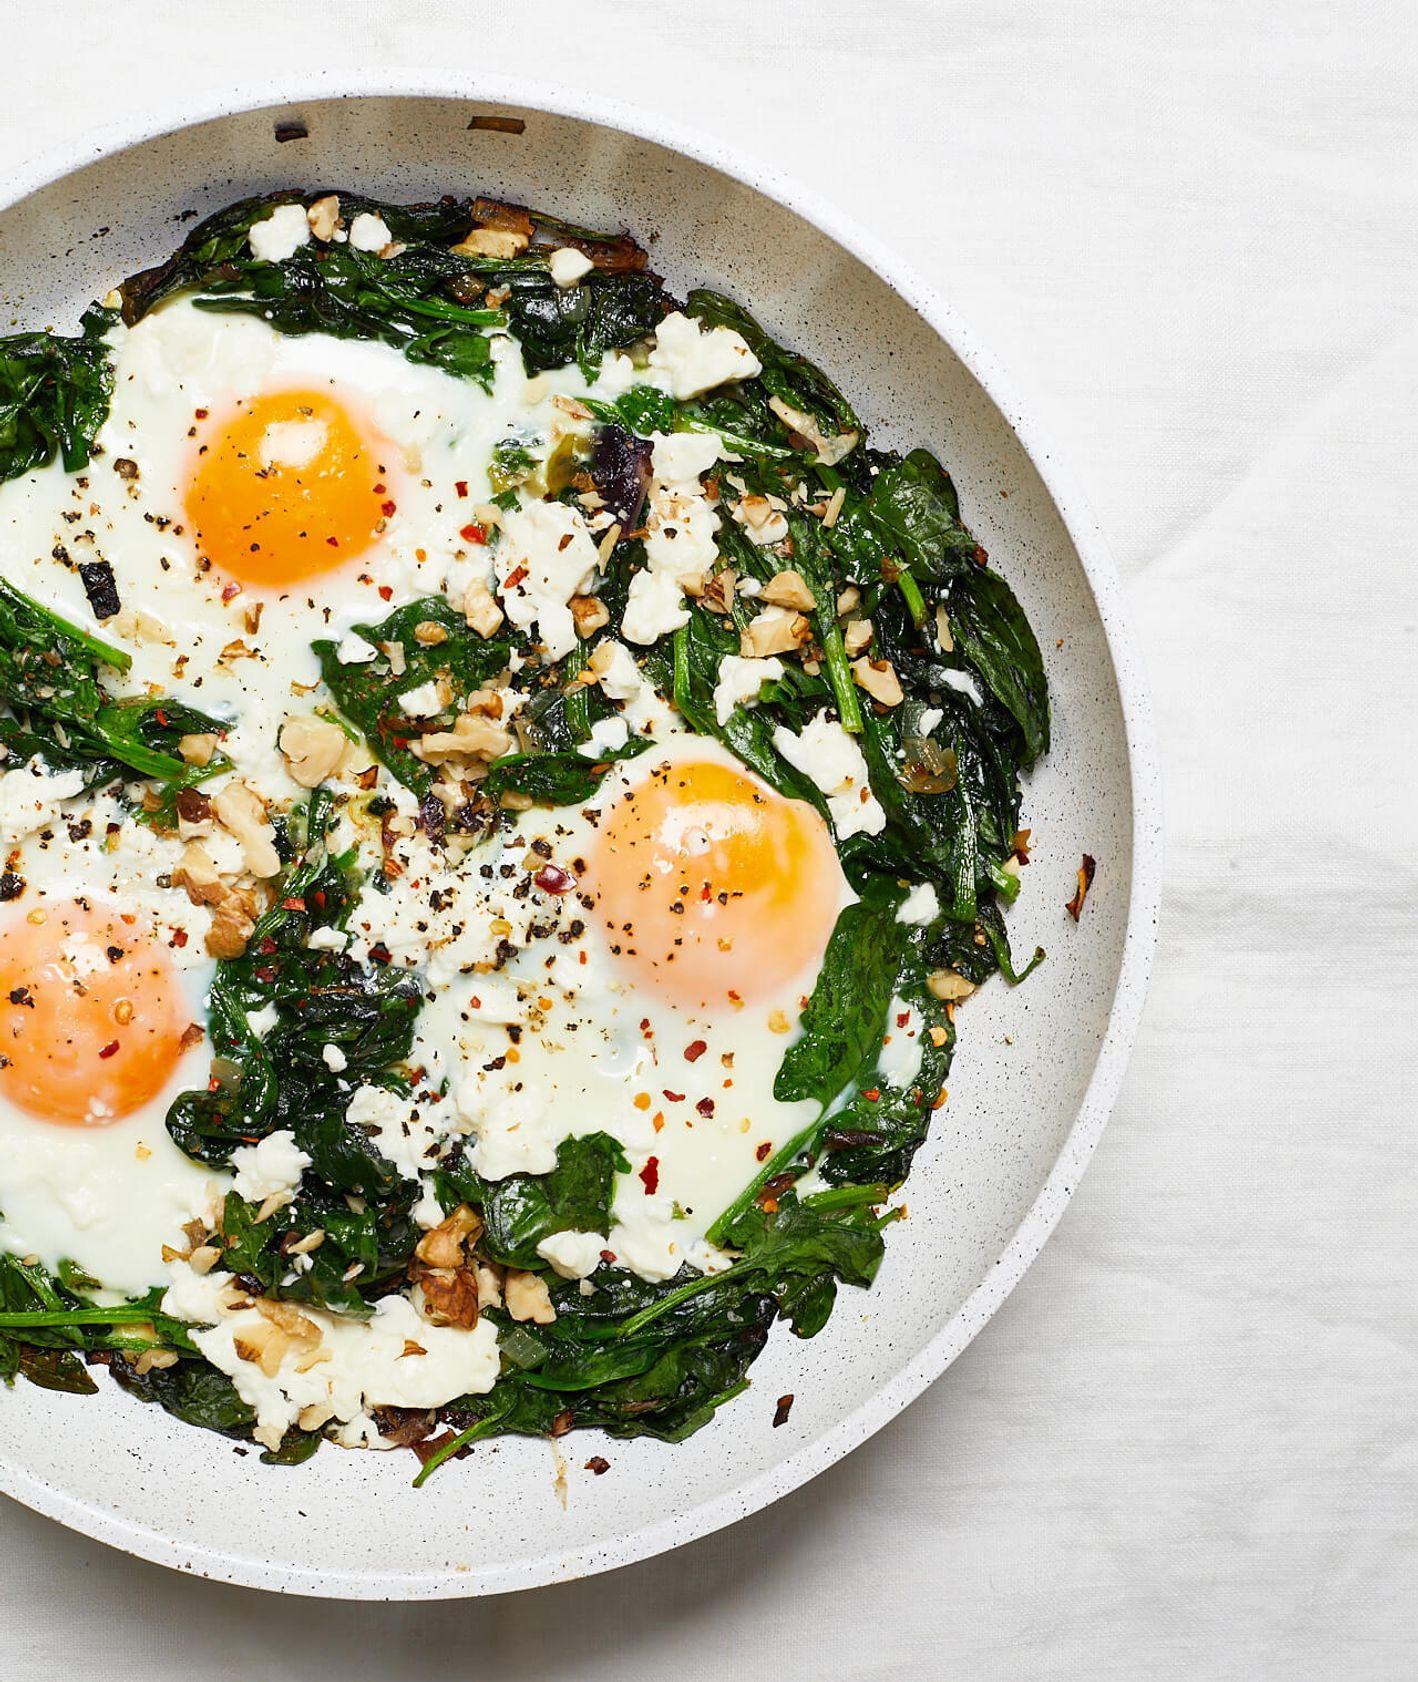 Szakszuka szpinakowa, czyli sposób jajka na śniadanie